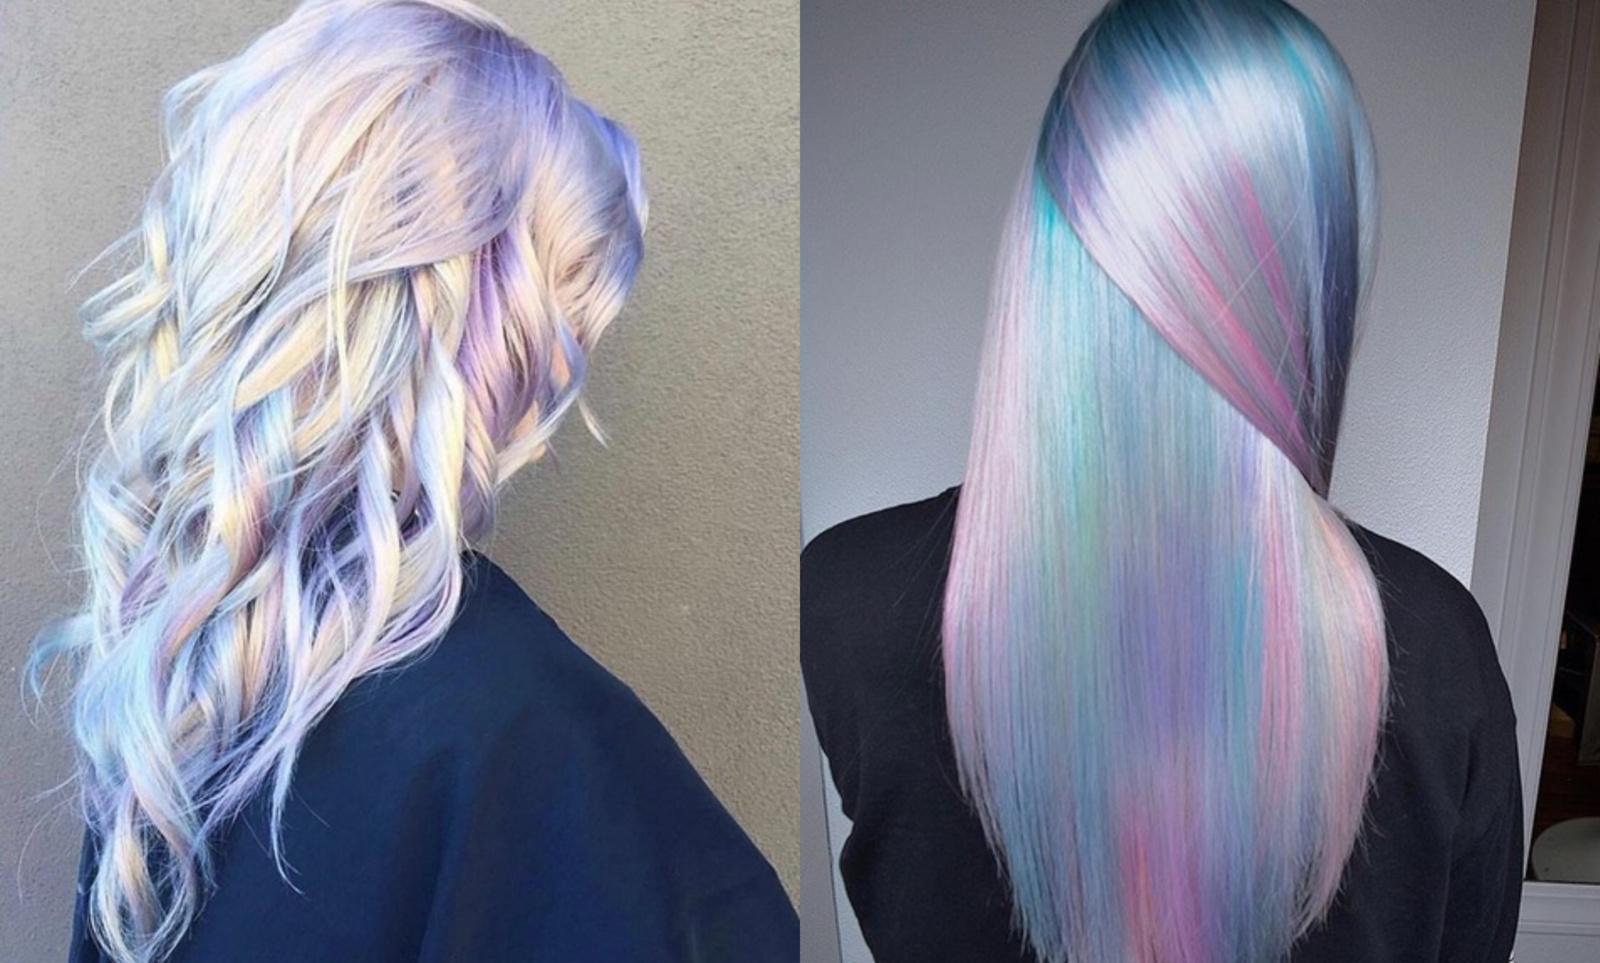 Naujausias mados klyksmas: holografiniai plaukai